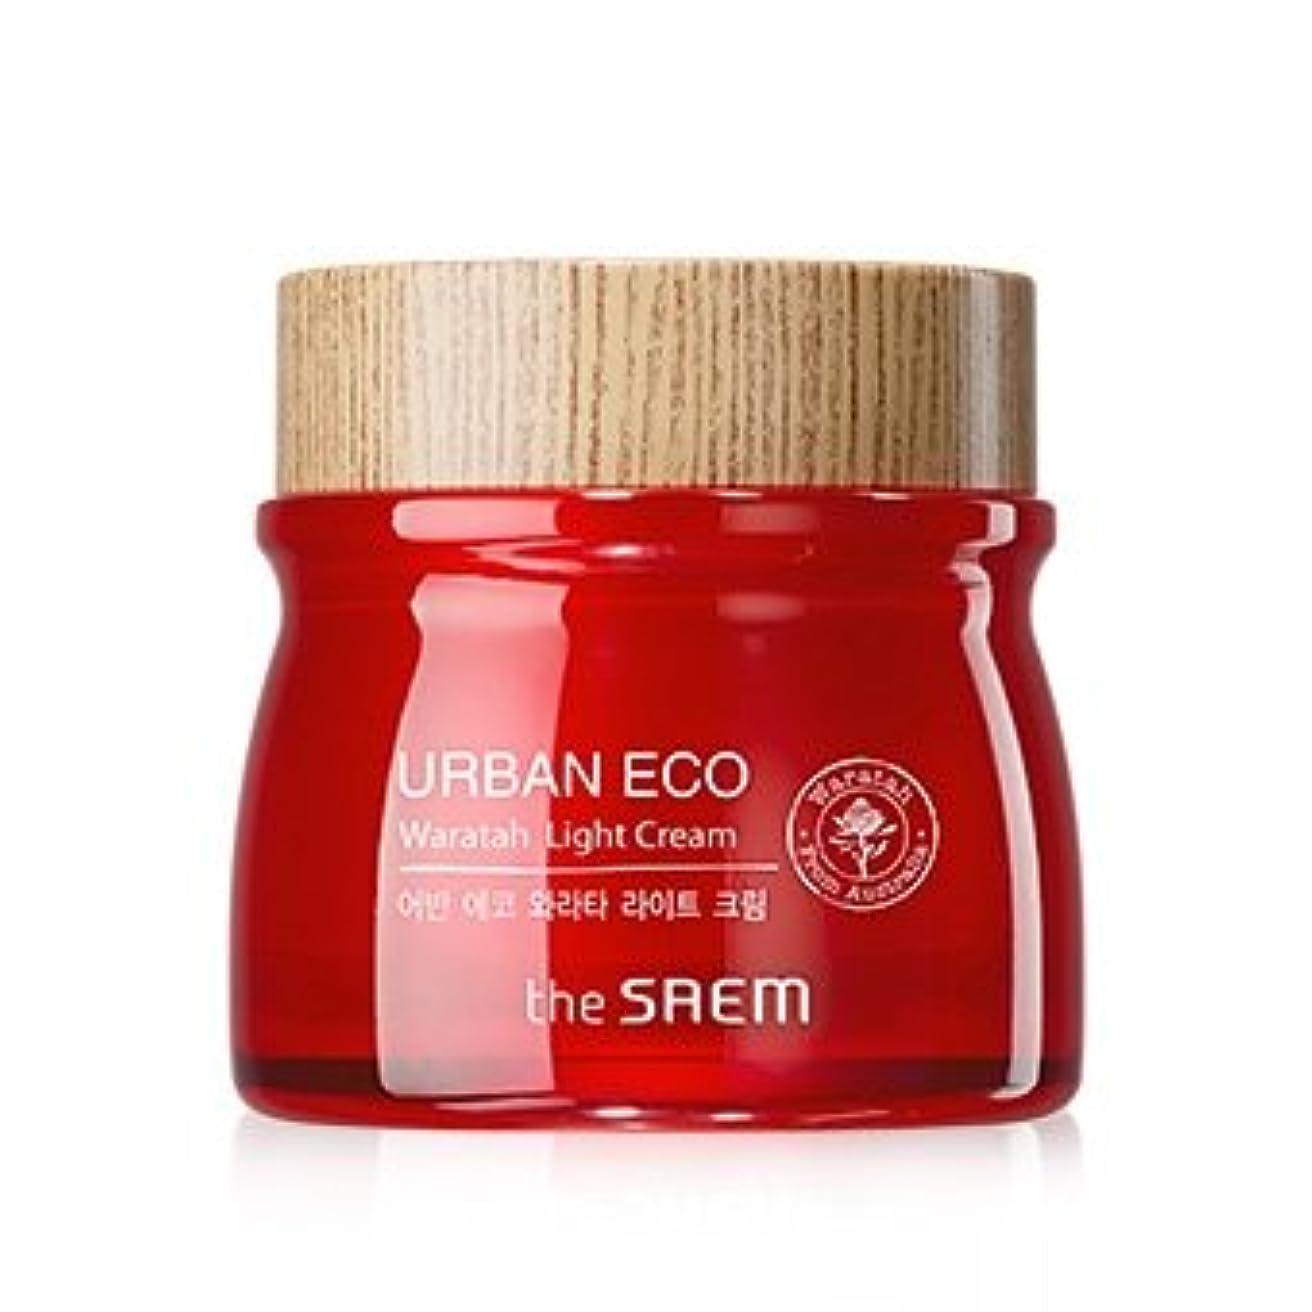 貪欲絶えず状態The Saem Urban Eco Waratah Light Cream 60ml ドセム アーバンエコワラターライトクリーム60ml[並行輸入品]